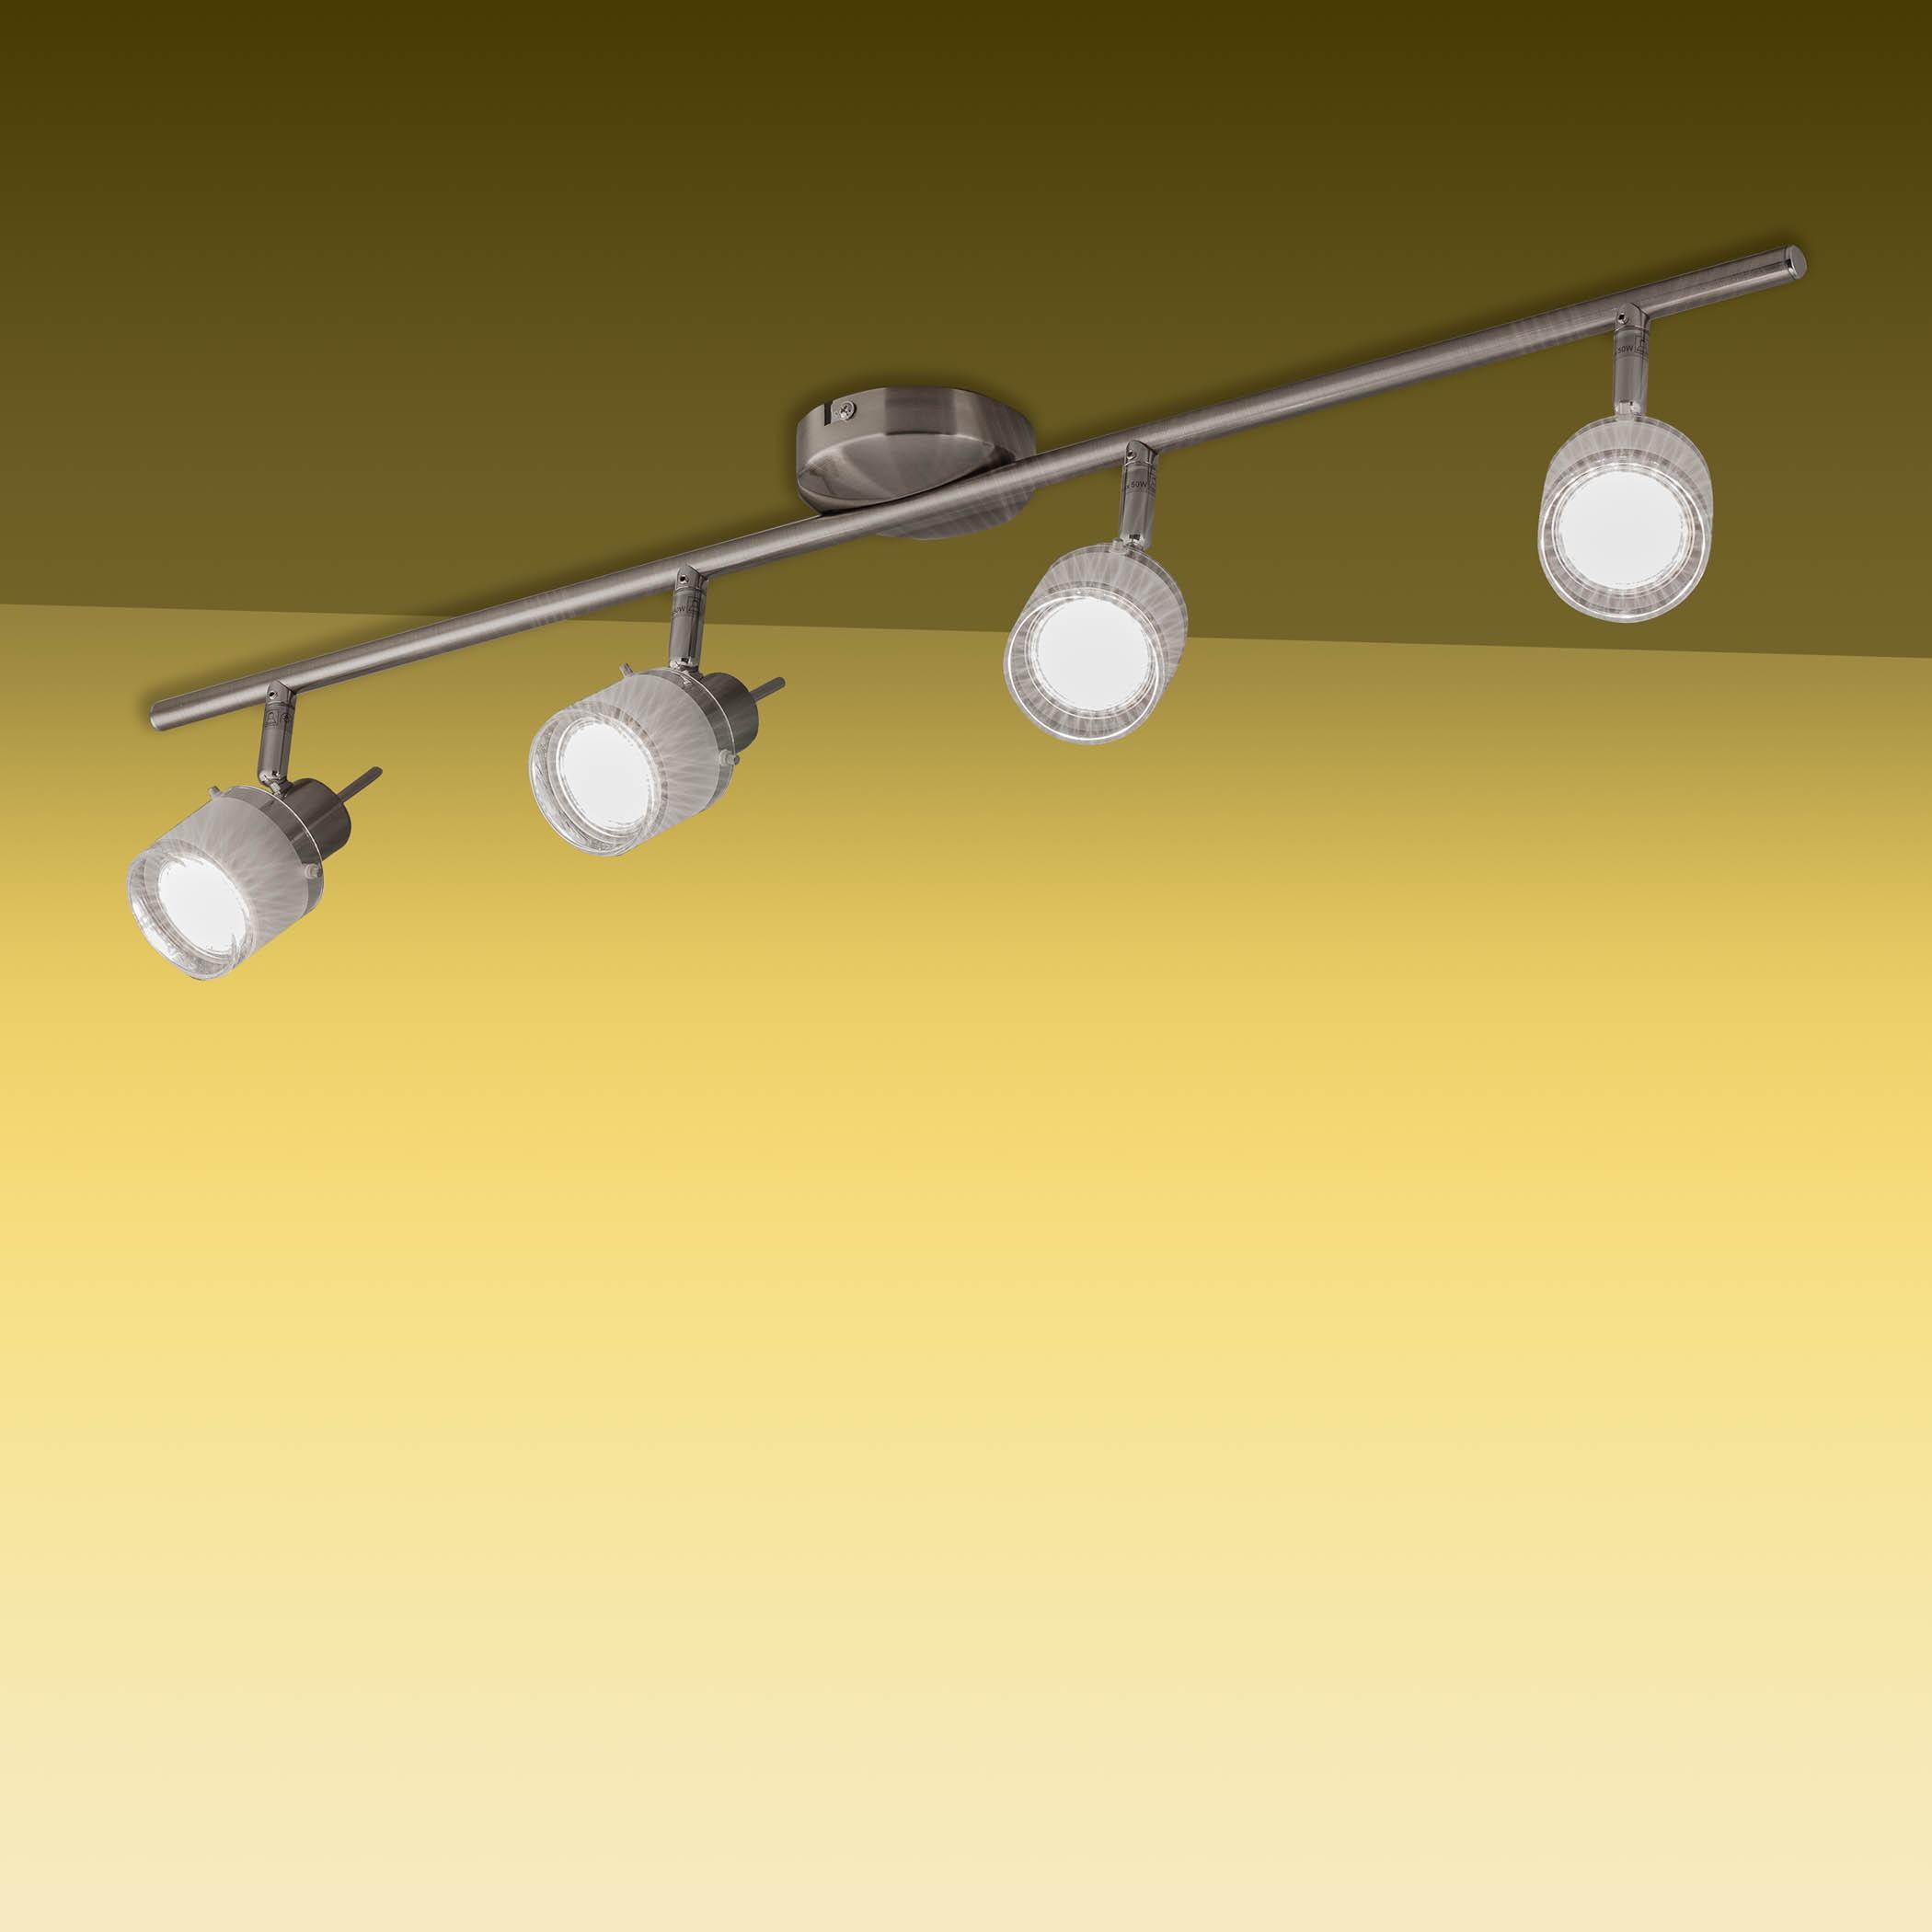 ceiling light zdl gu10 4k a led. Black Bedroom Furniture Sets. Home Design Ideas